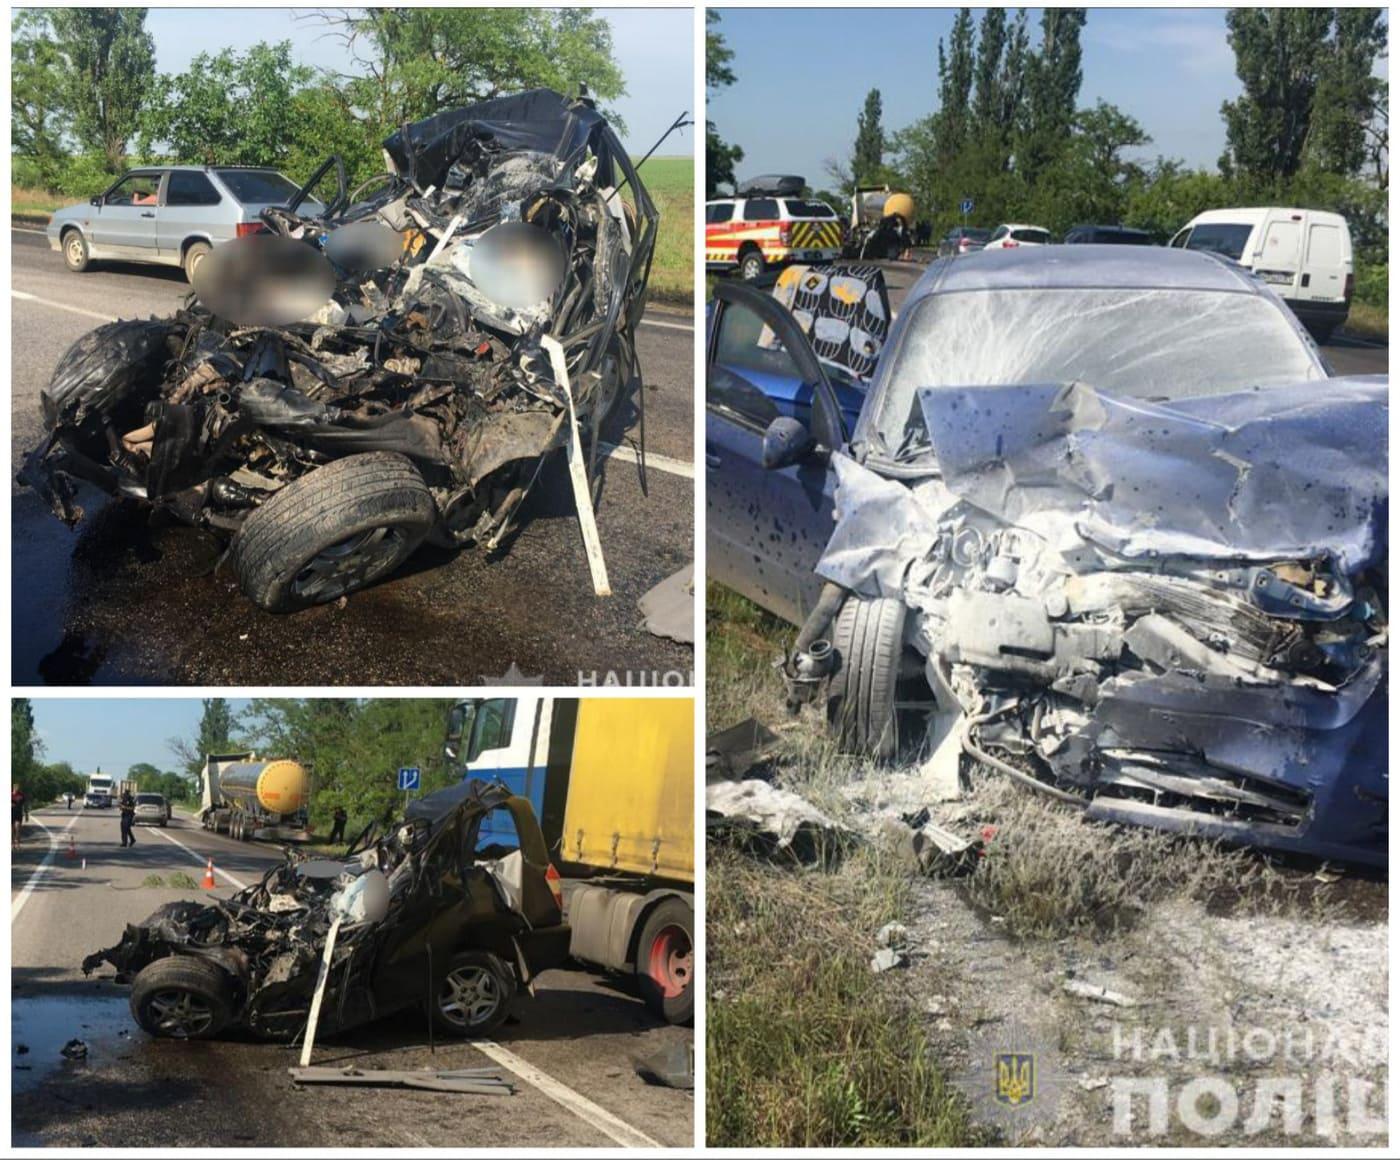 У ДТП на Миколаївщині загинули 2 людей: багато травмованих, серед них діти (фото)